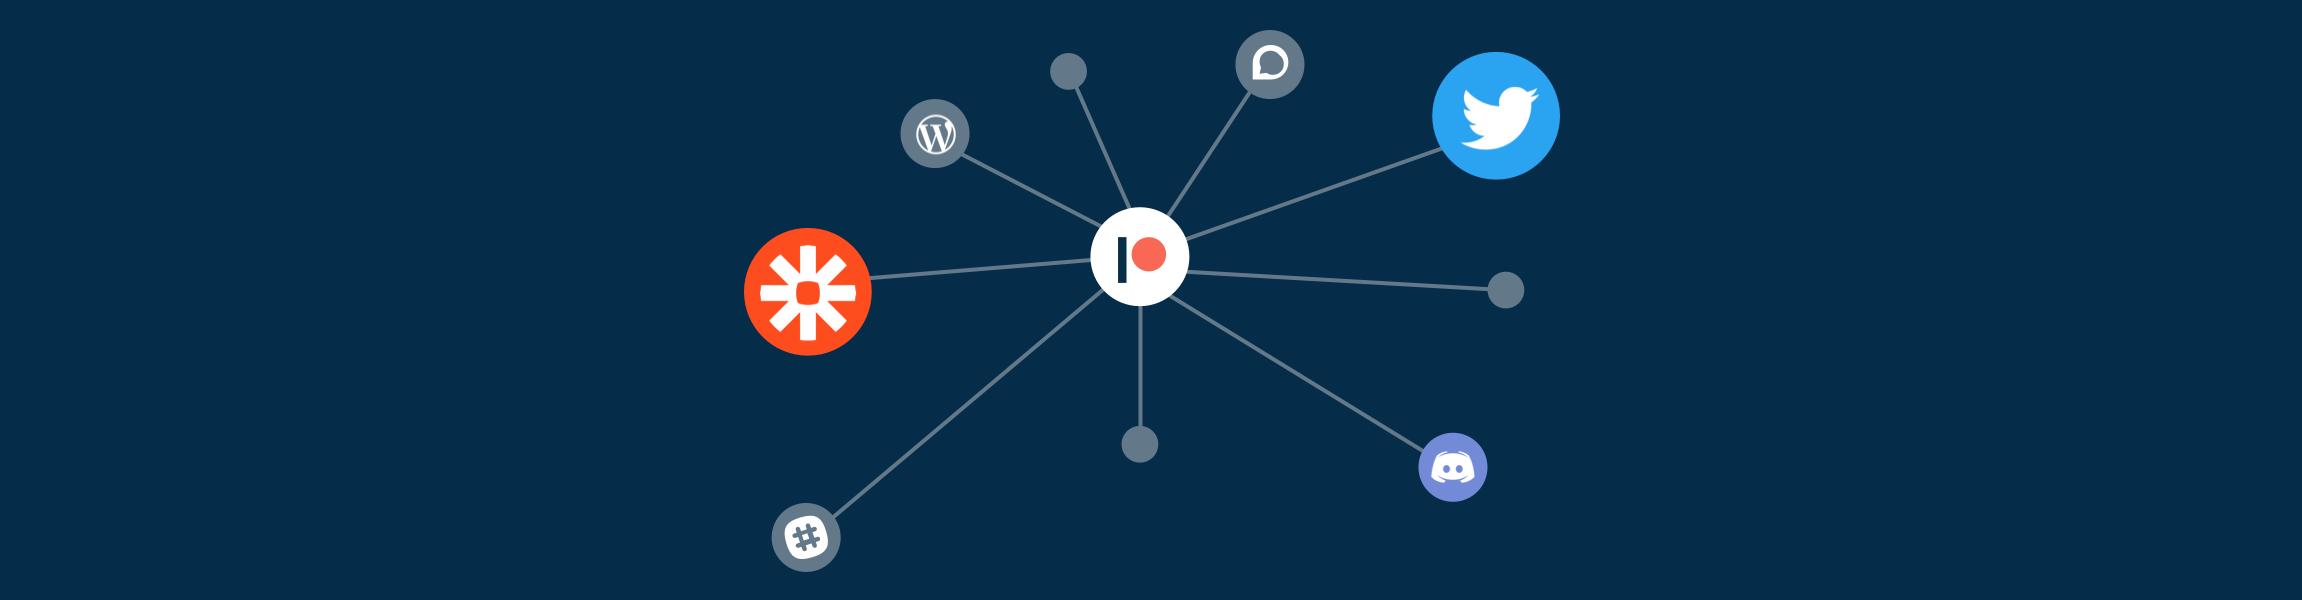 Patreon Powers Membership Across the Web